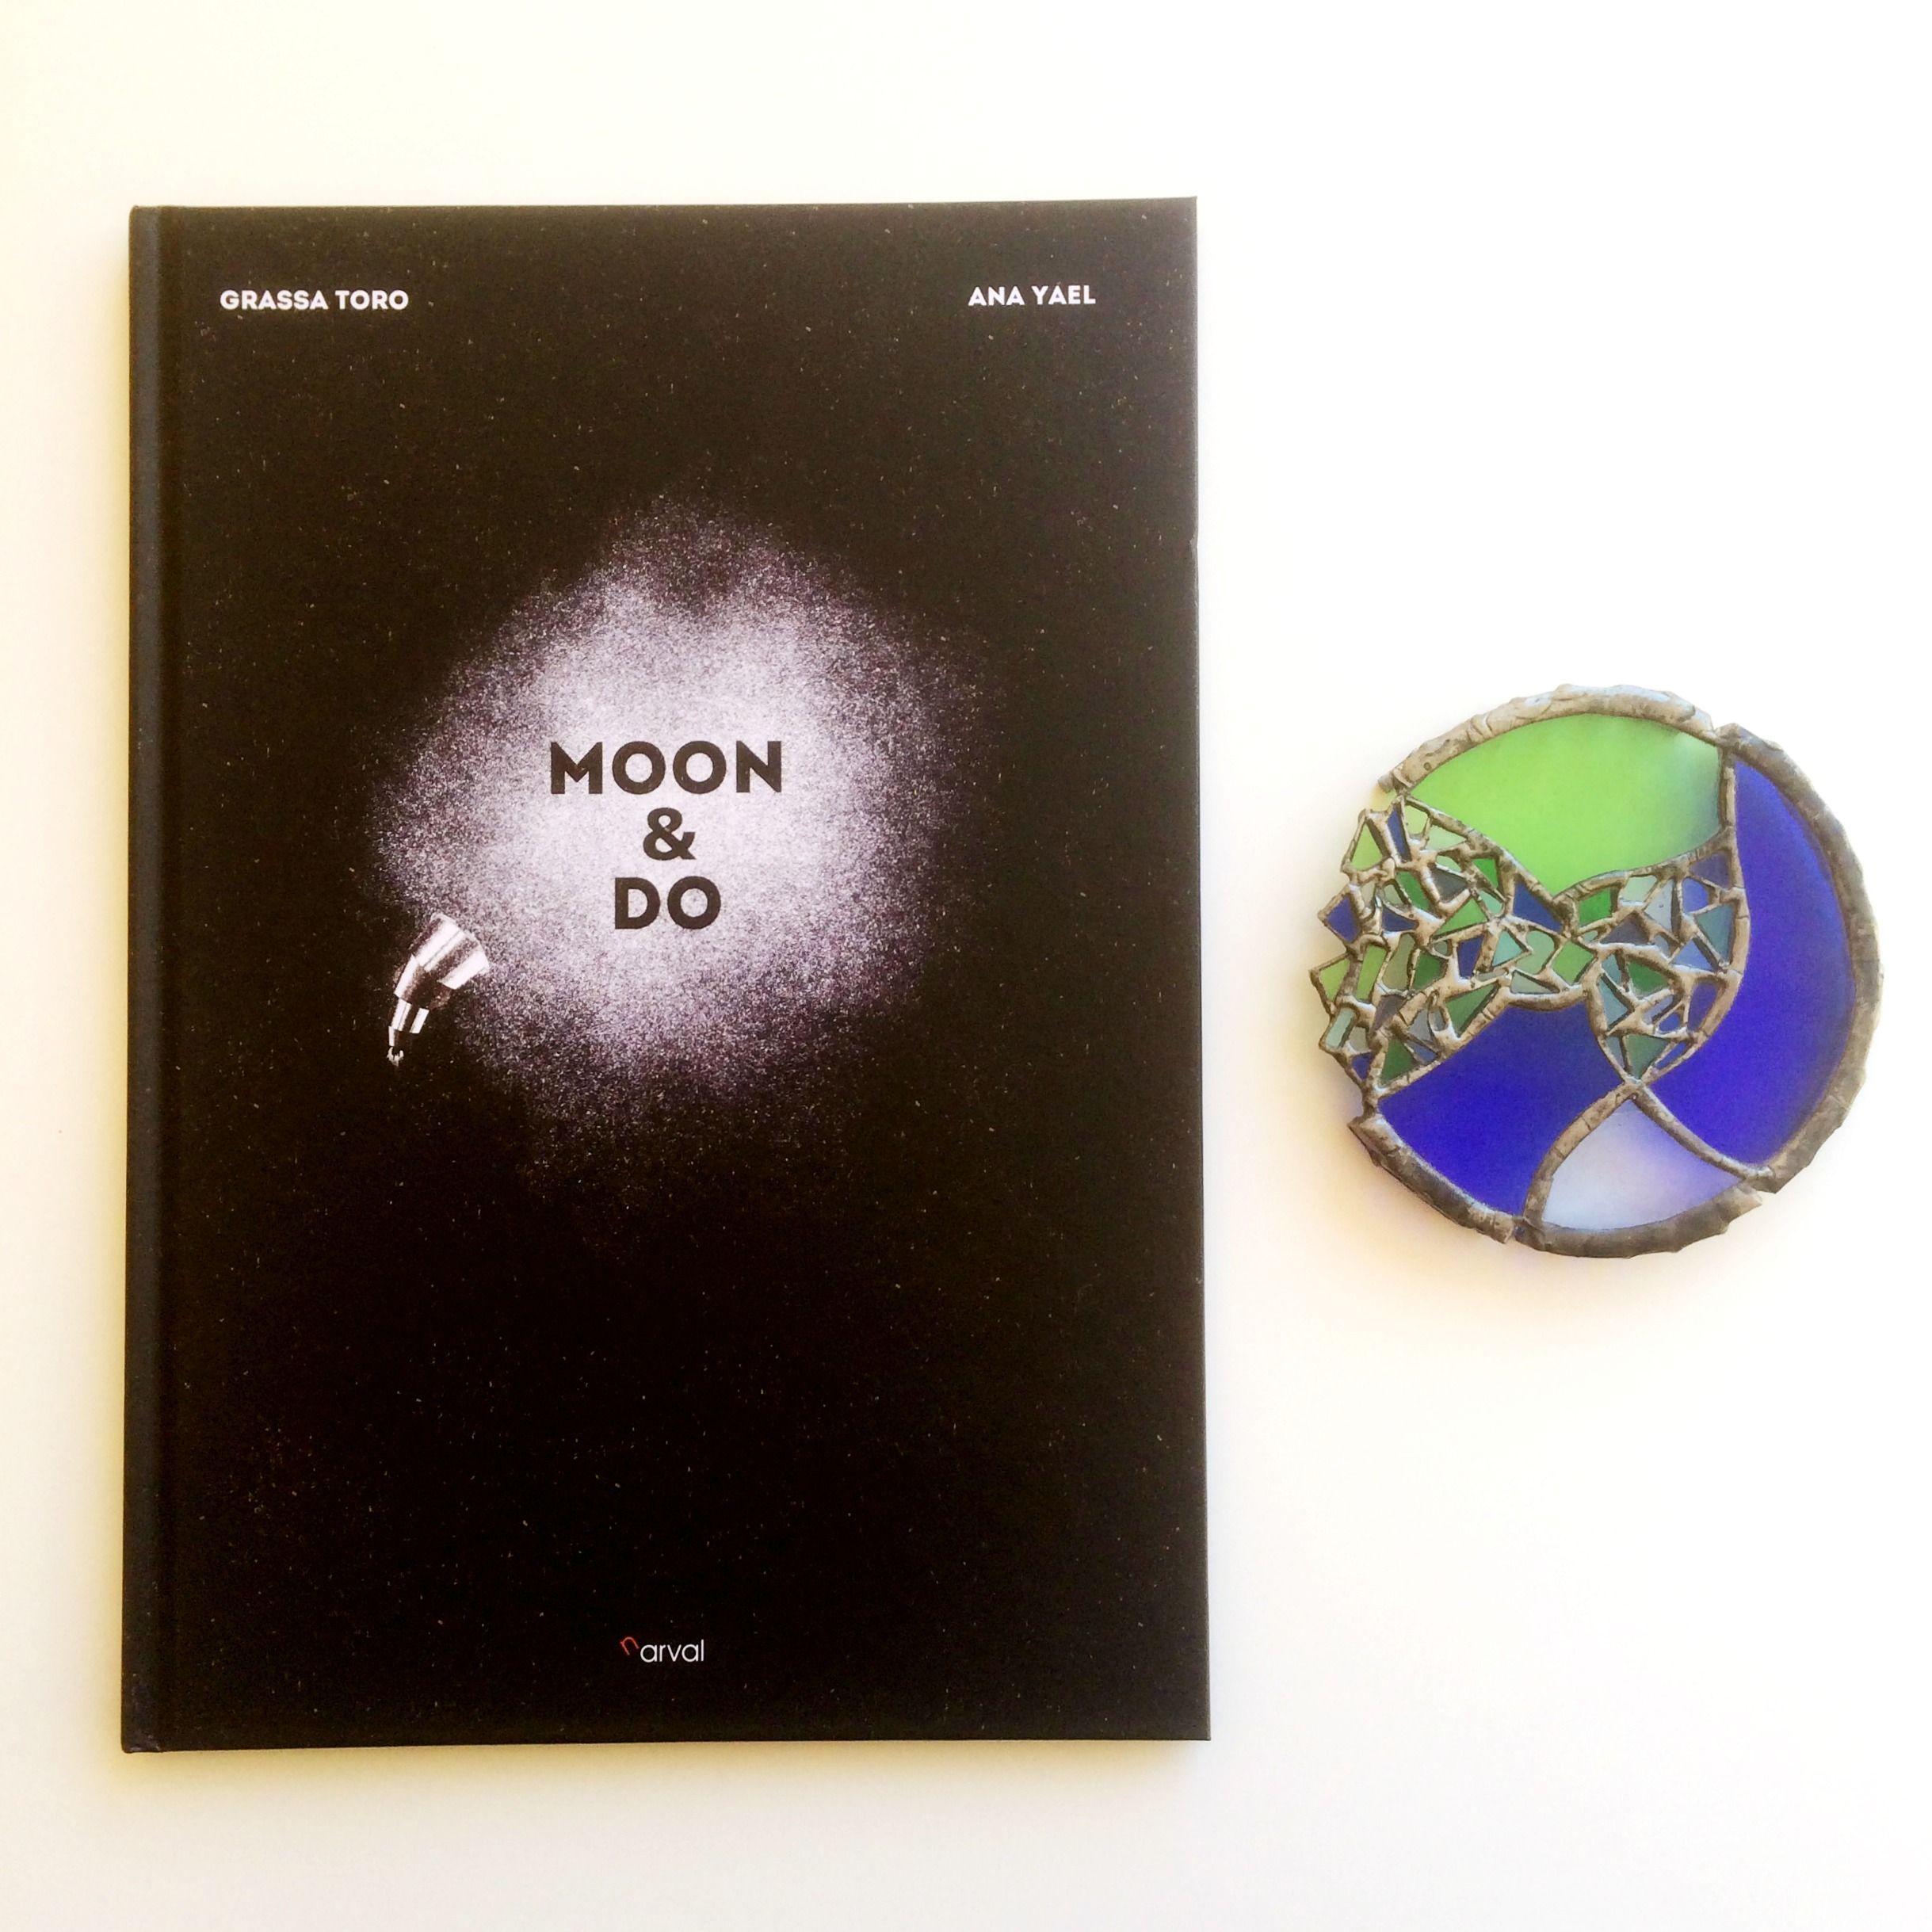 Moon & Do